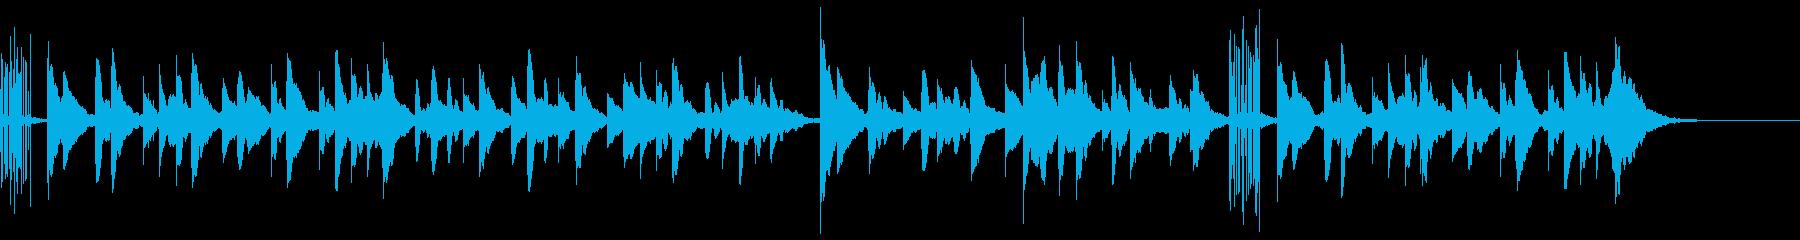 赤ちゃん子守唄優しい/静かなオルゴール曲の再生済みの波形